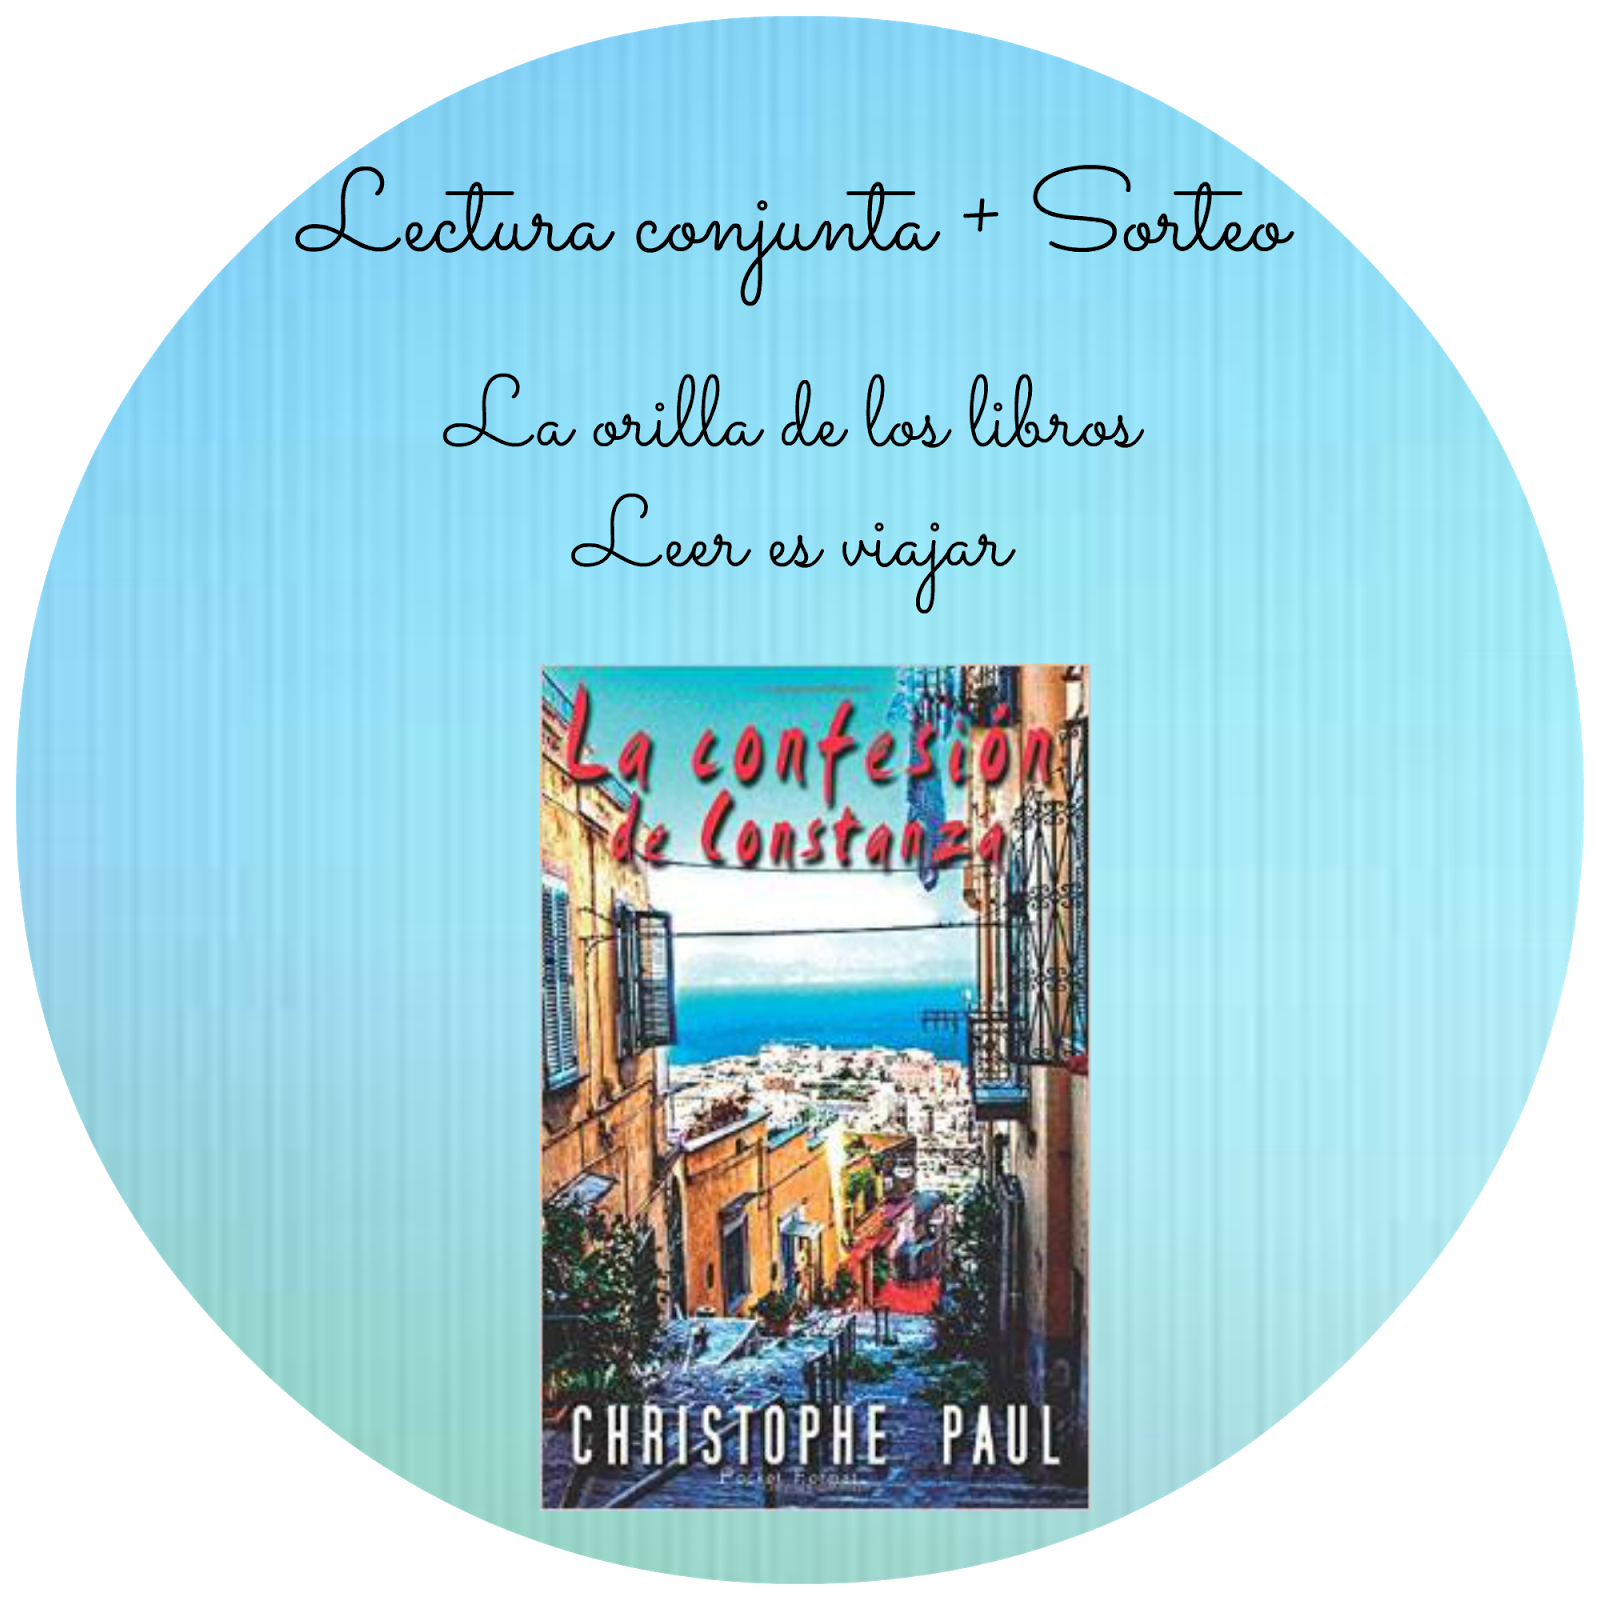 http://viajagraciasaloslibros.blogspot.com.es/2015/02/lectura-conjunta-sorteo-la-confesion-de.html